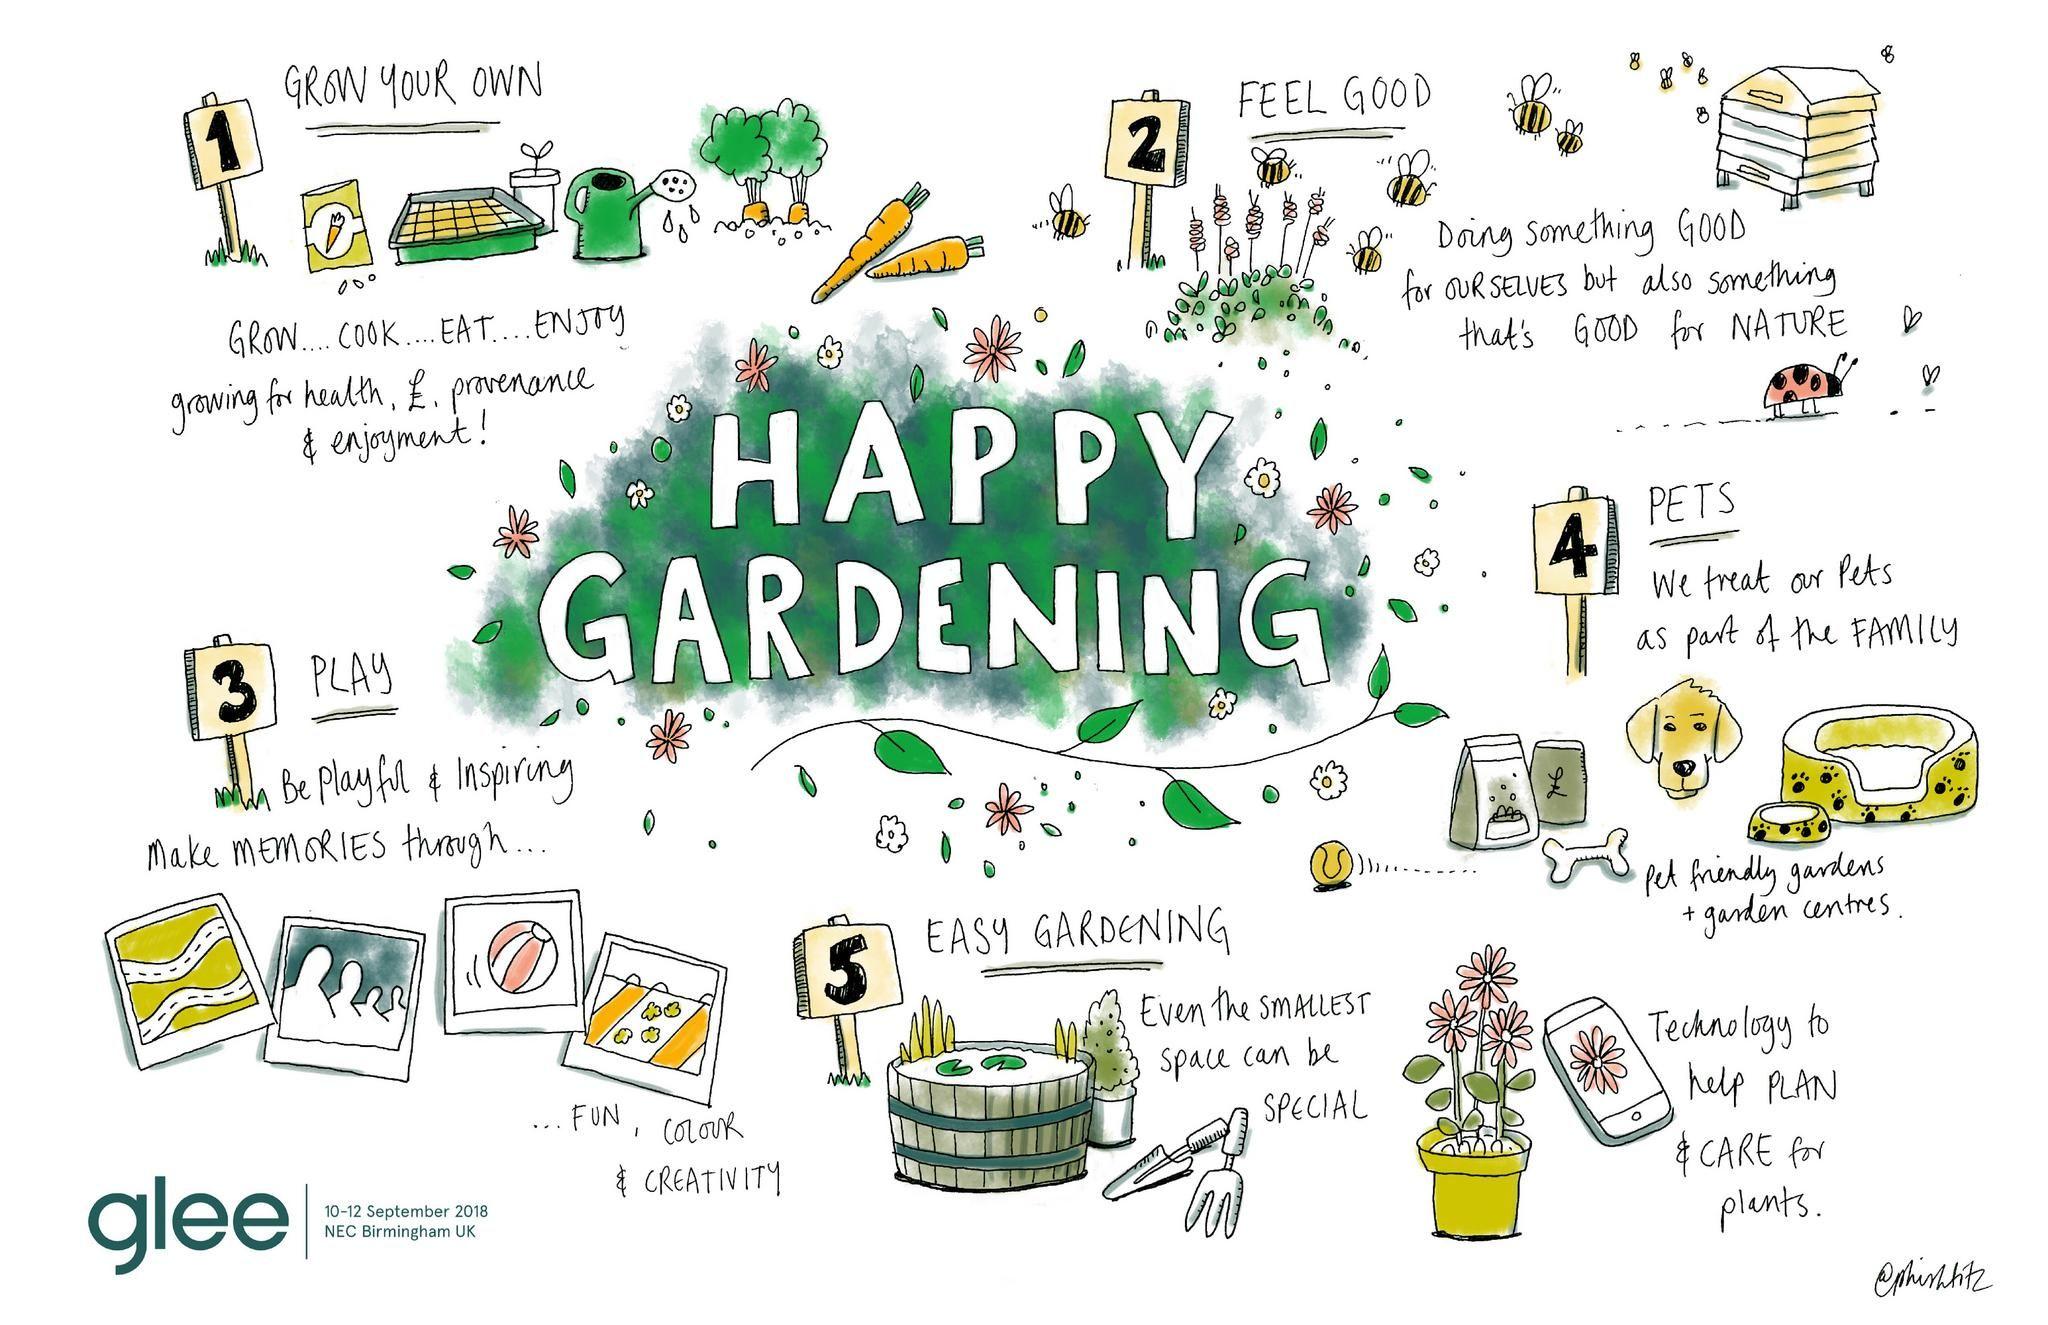 happy gardening overview